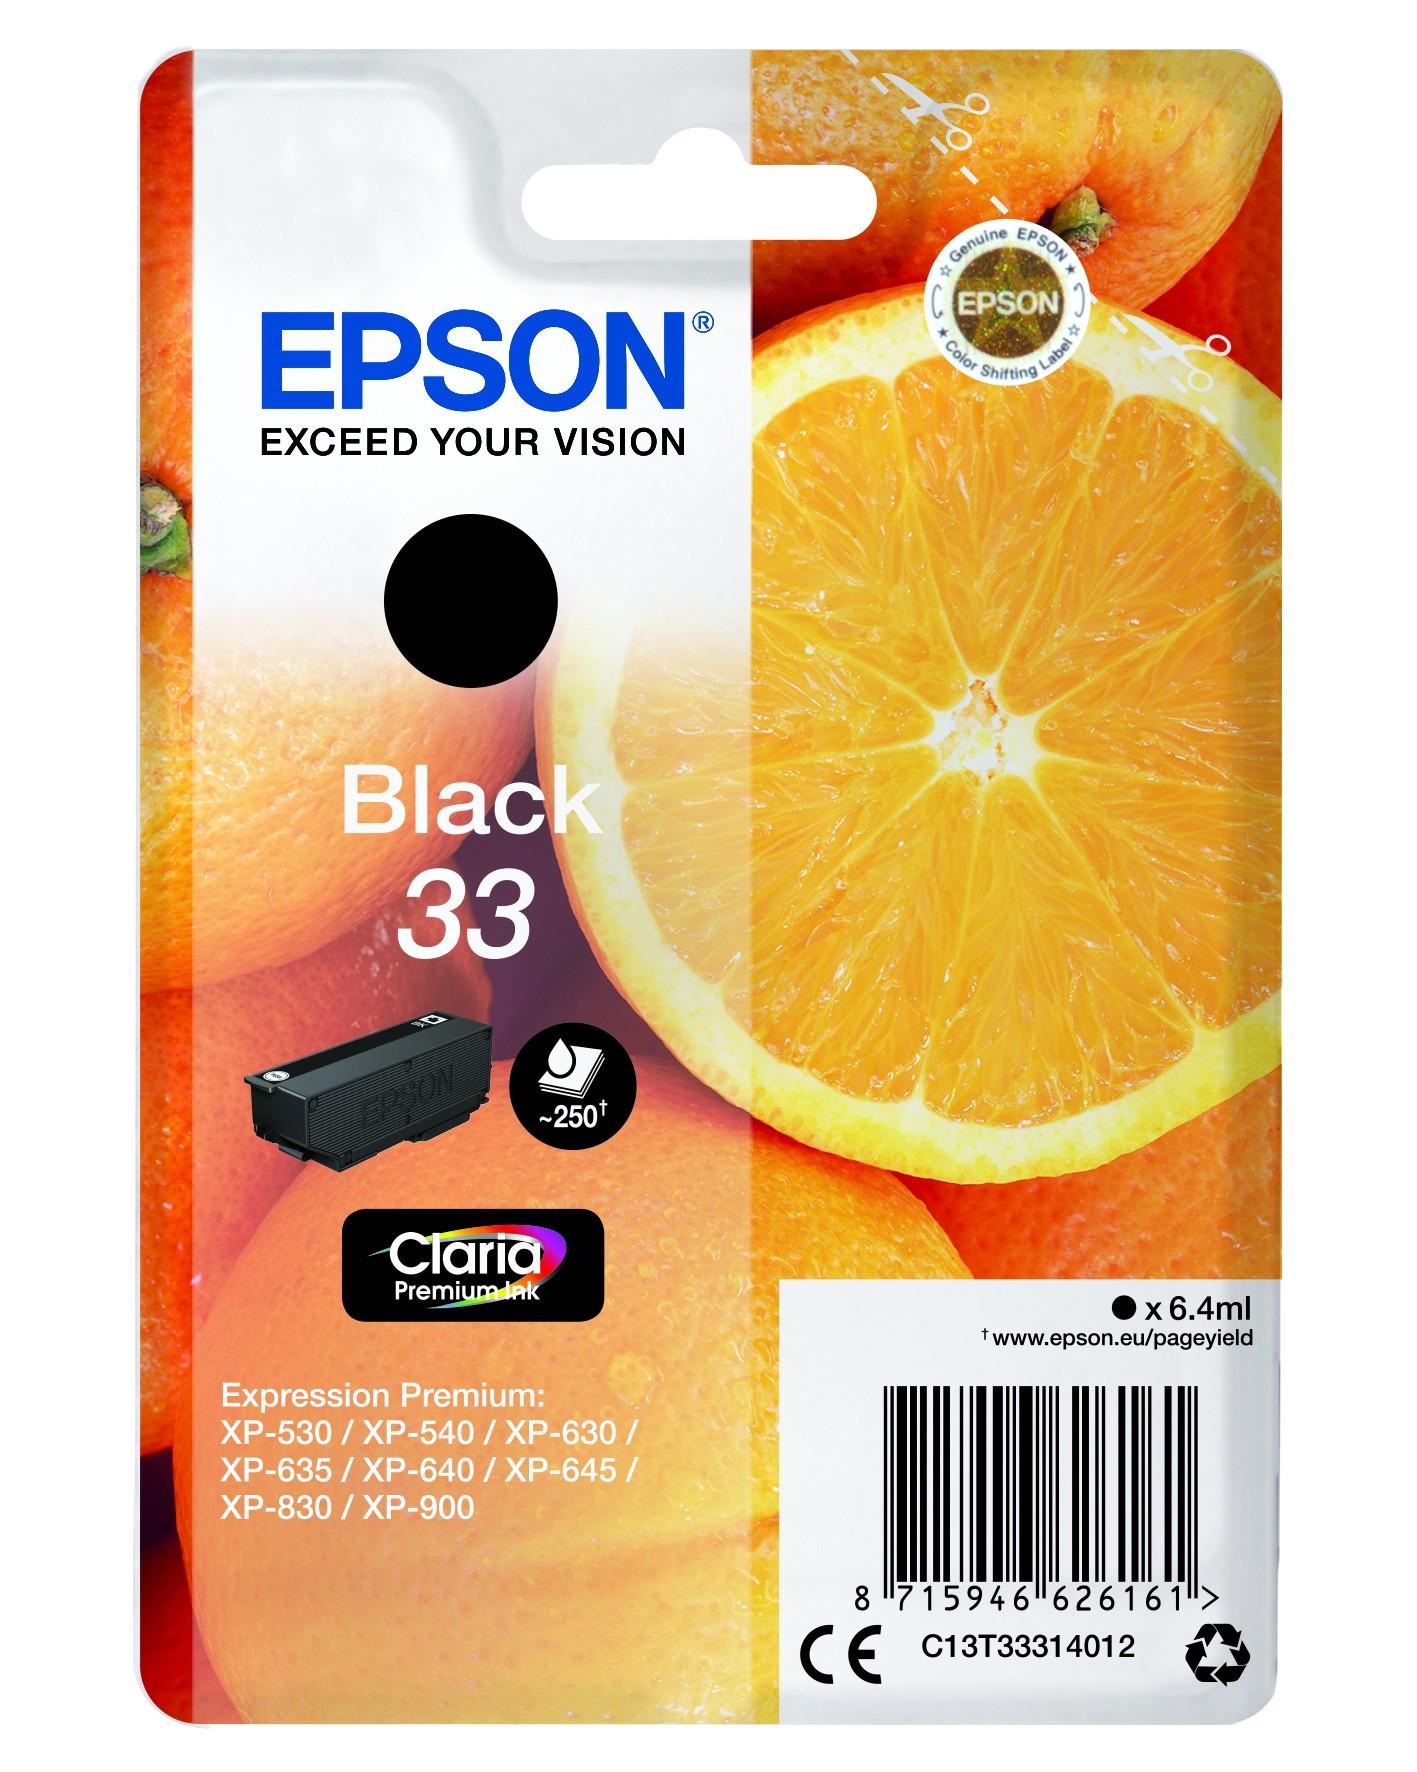 Epson  tintapatron - Ink Cartridge 0,25K, fekete (Black), eredeti